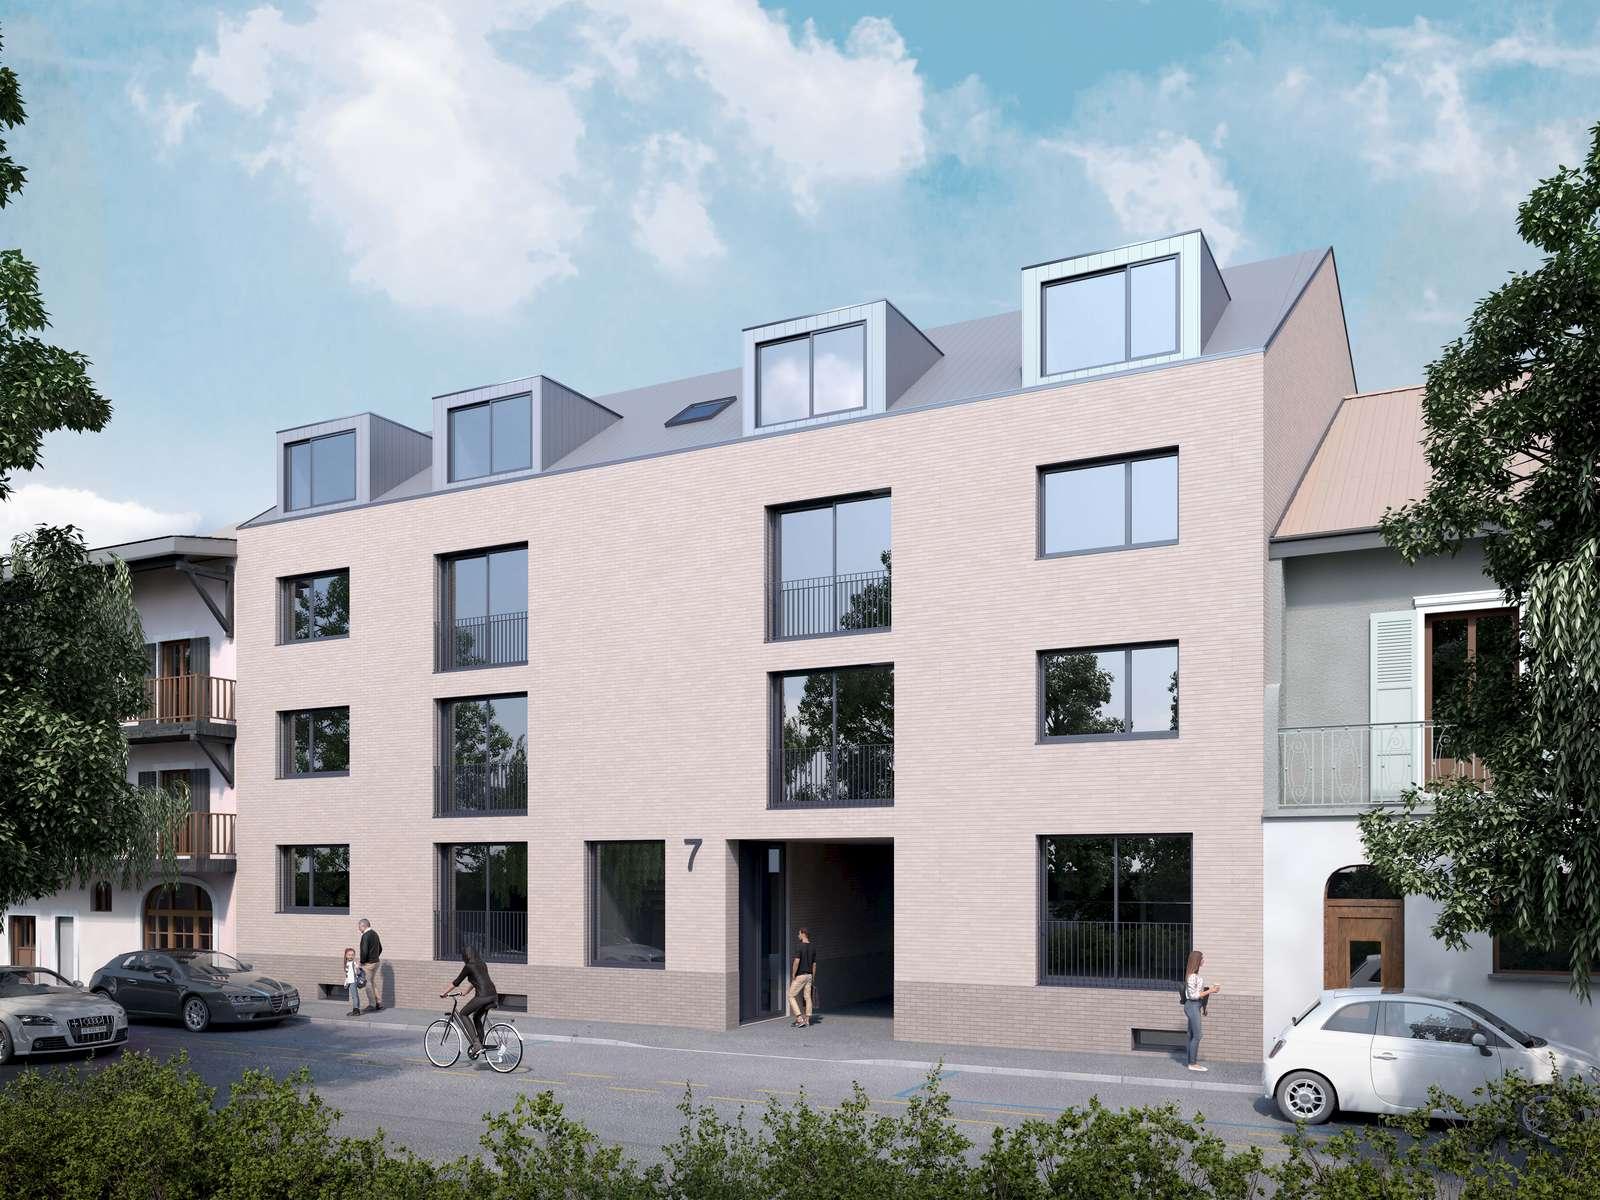 (ris+partenaires 2018)Projet: Immeuble de 7 logementsCarouge - SuisseSurface: 943 m2Chef de projet:Antoine RisMandat: Projet et réalisation